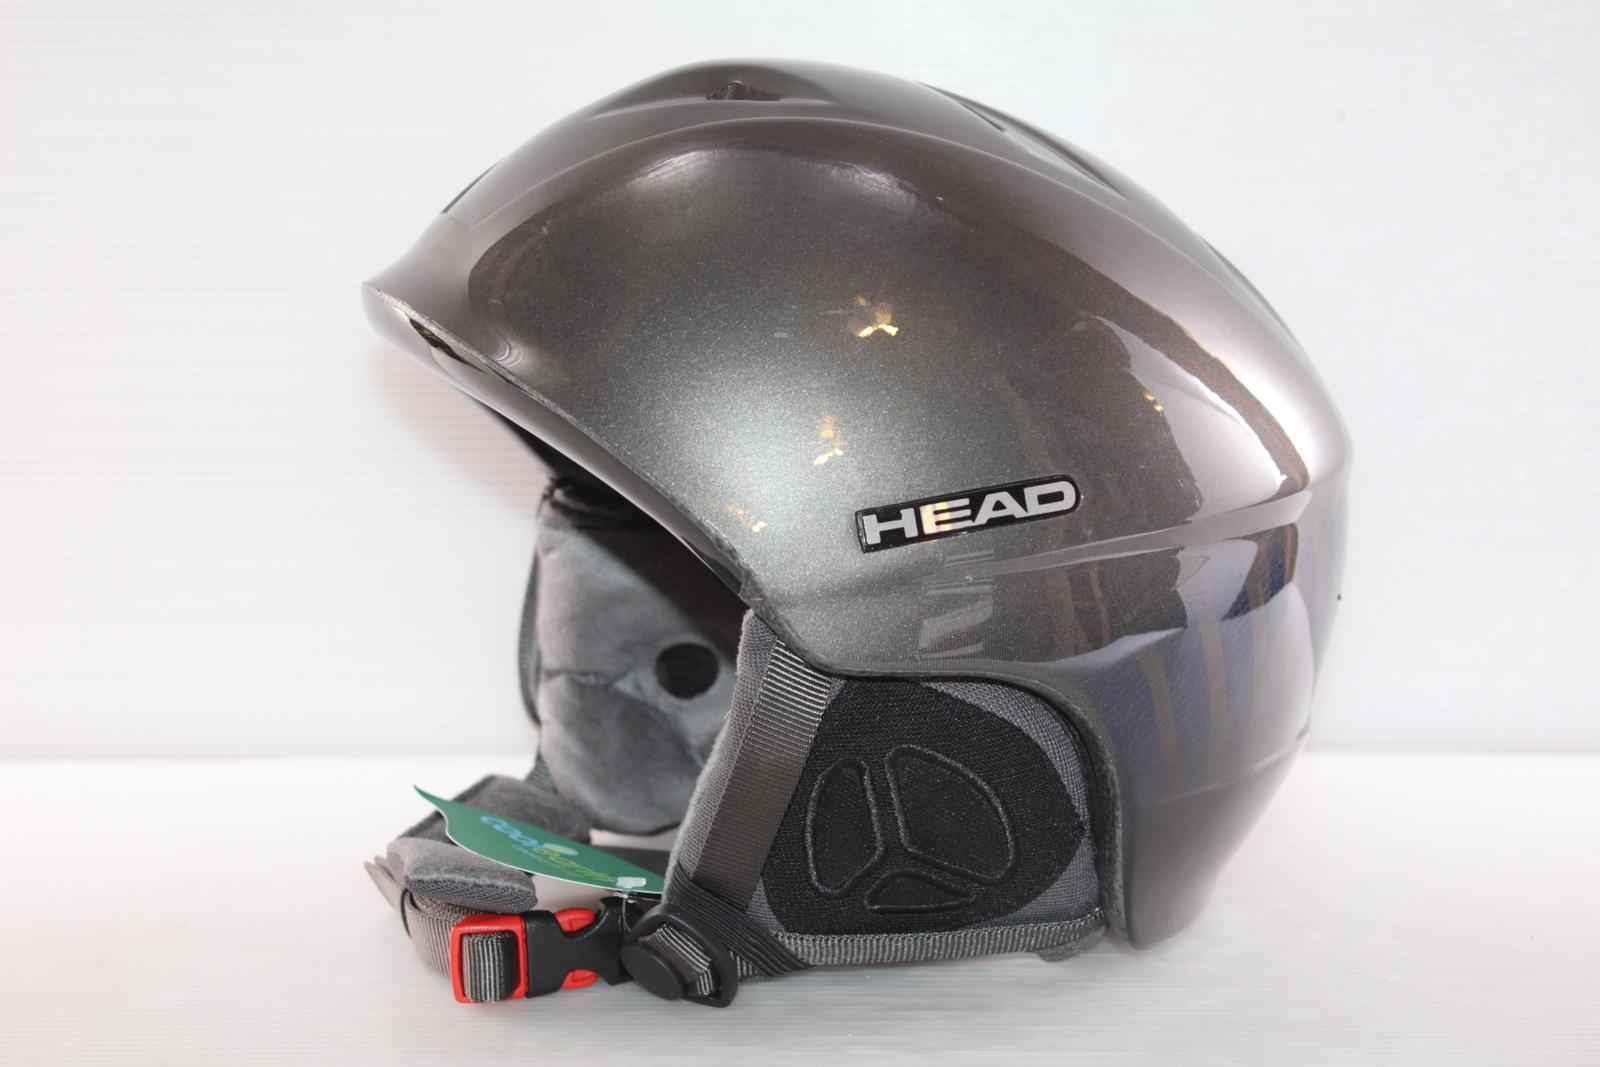 Dámská lyžařská helma Head Rental Pro vel. 62